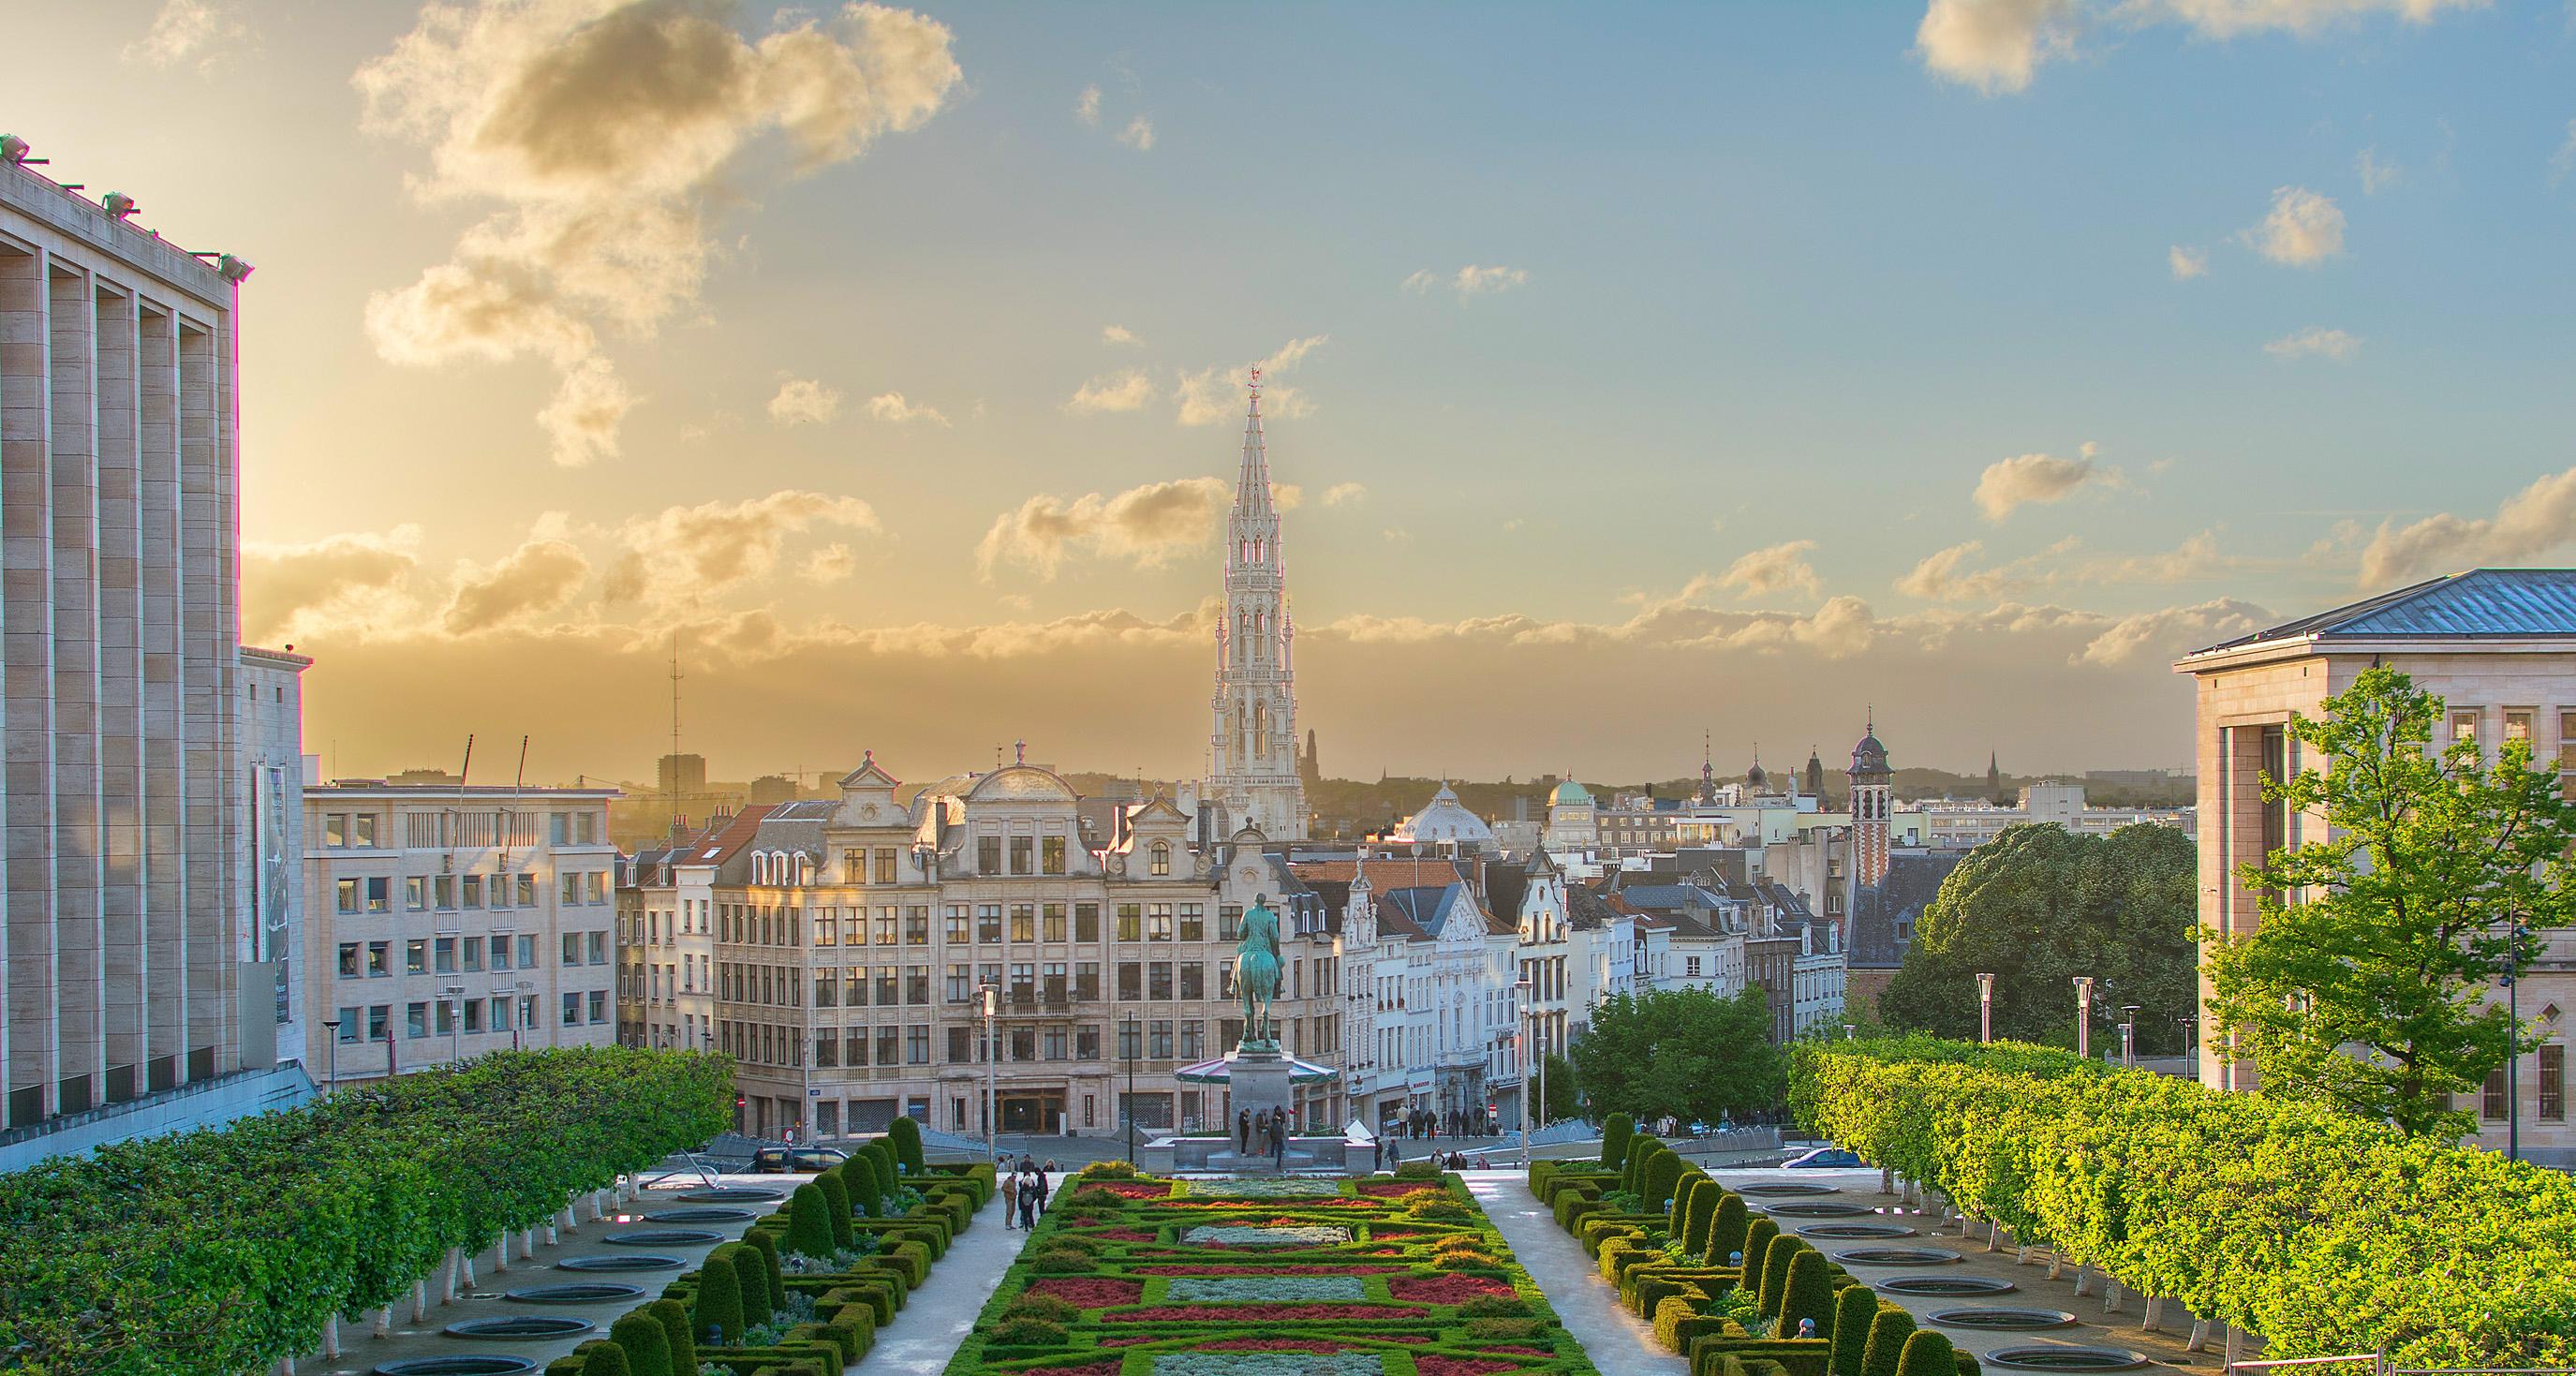 Mont des Arts, la  mejor vista de Bruselas - Bélgica Circuito Londres, Países Bajos y el Rhin